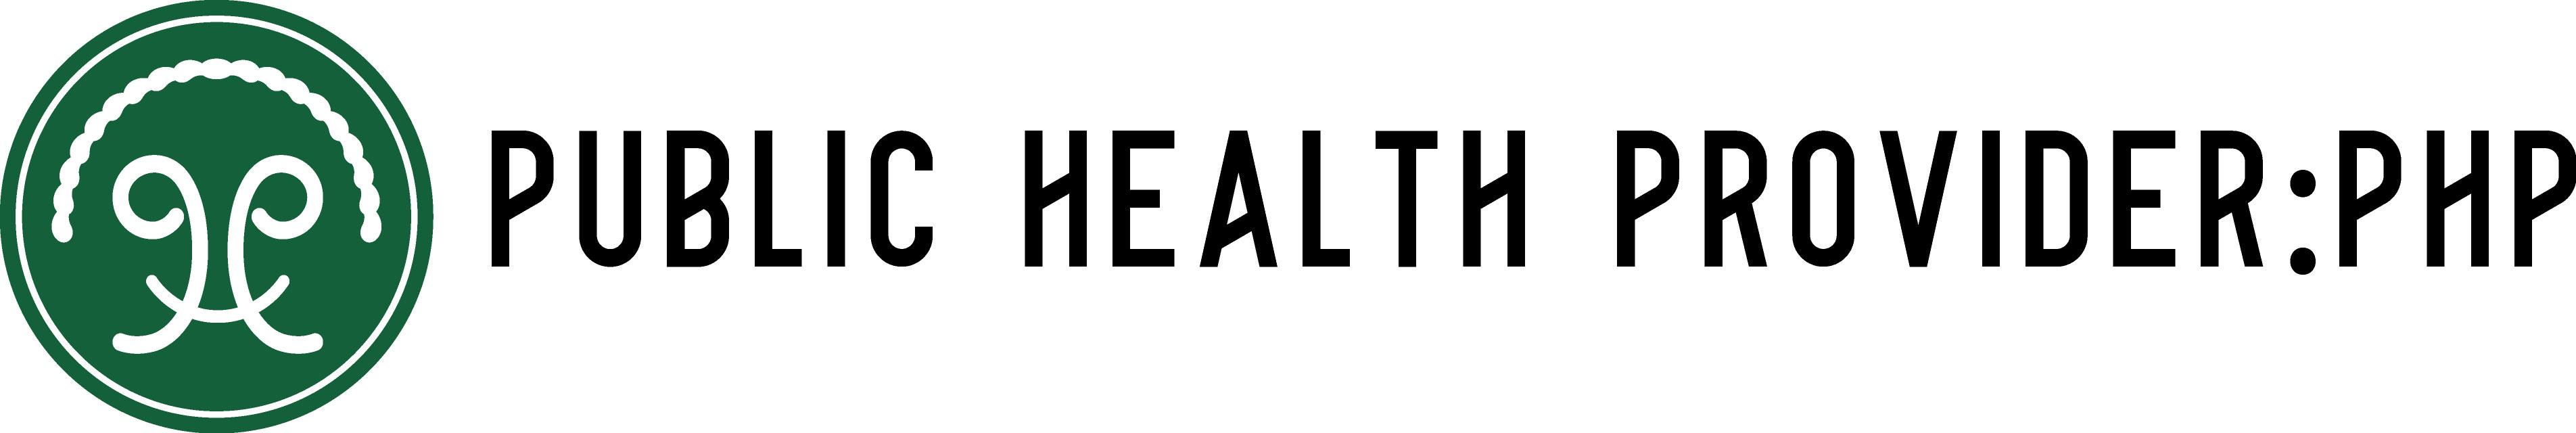 Public Health Provider: PHP